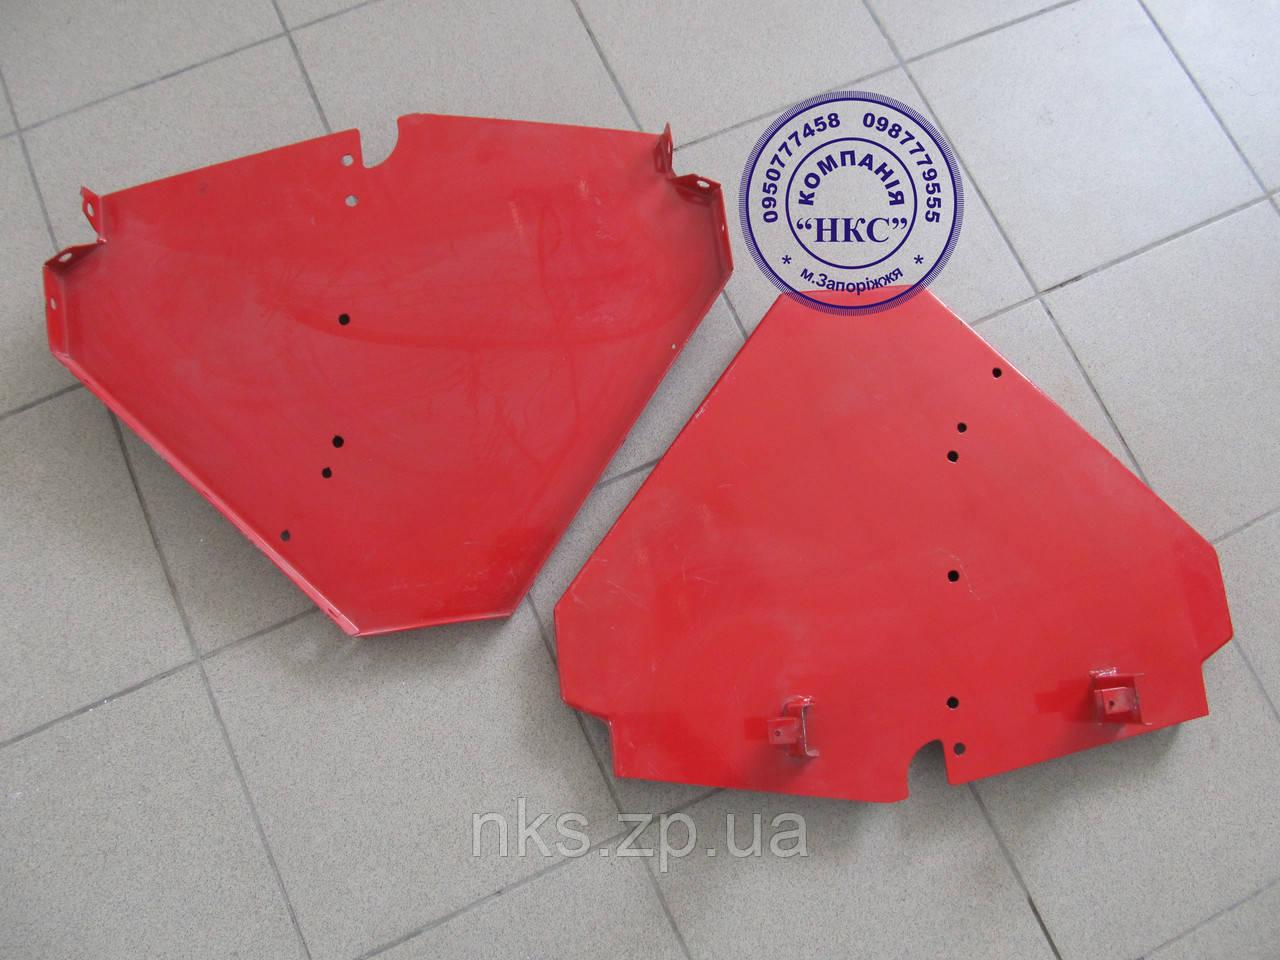 Боковина ящика правая и левая СЗ-3,6А.